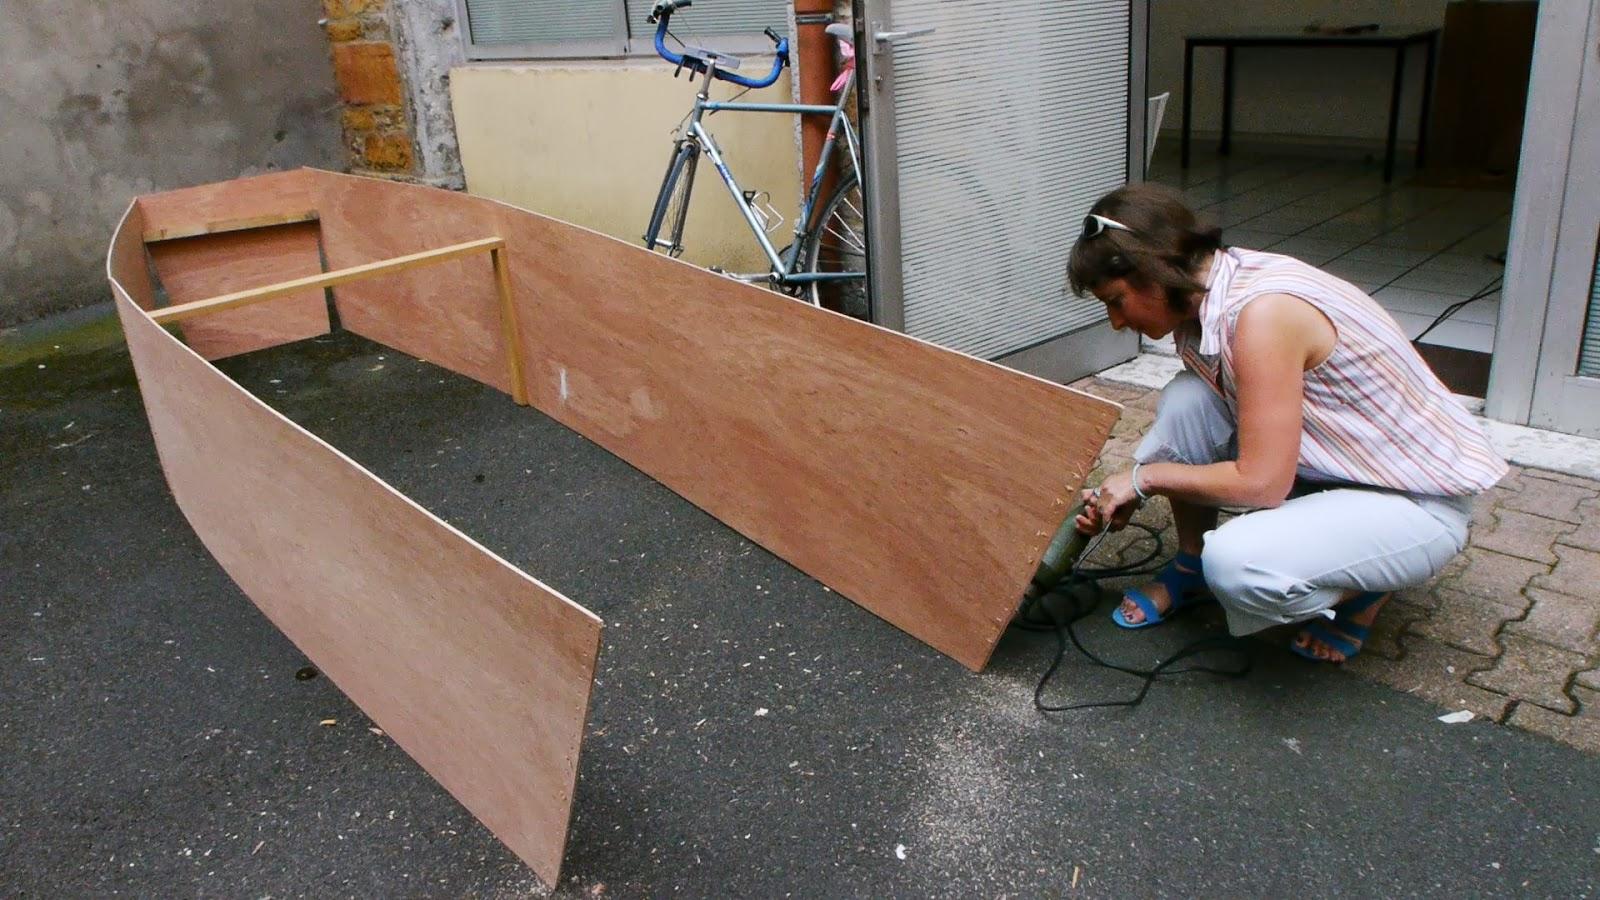 film dans les orties et sur l 39 asphalte film r alis par jean pierre sougy les films de l. Black Bedroom Furniture Sets. Home Design Ideas